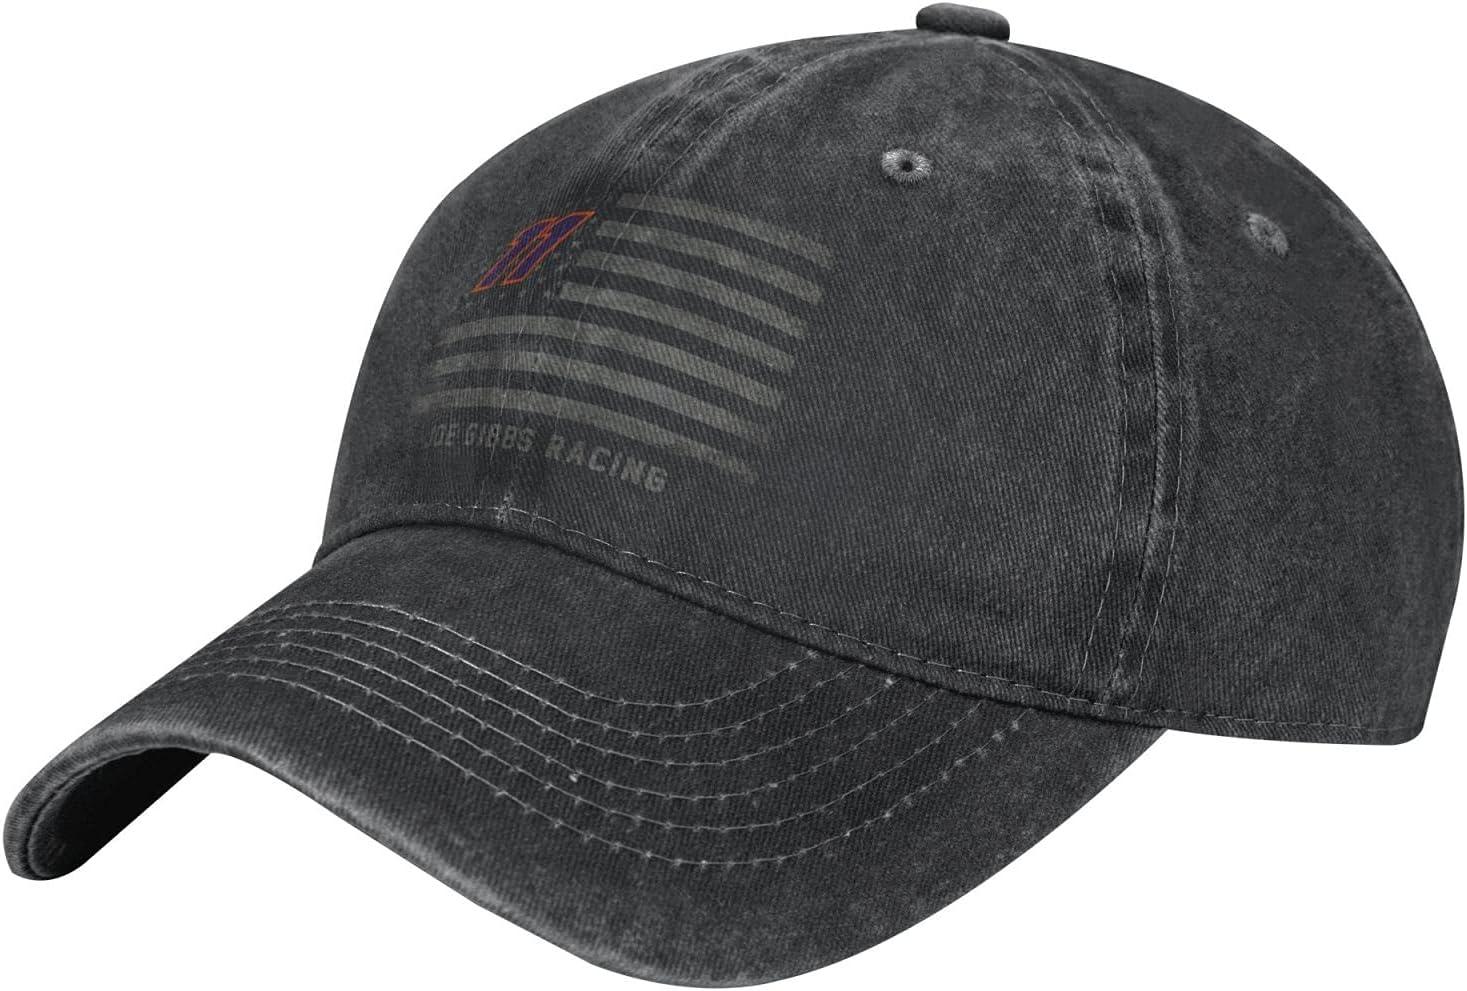 GAiNViEW Denny Hamlin Denim Cap Adjustable Plain Baseball Cowboy Hat Cotton Sunbonnet Plain Hat Black